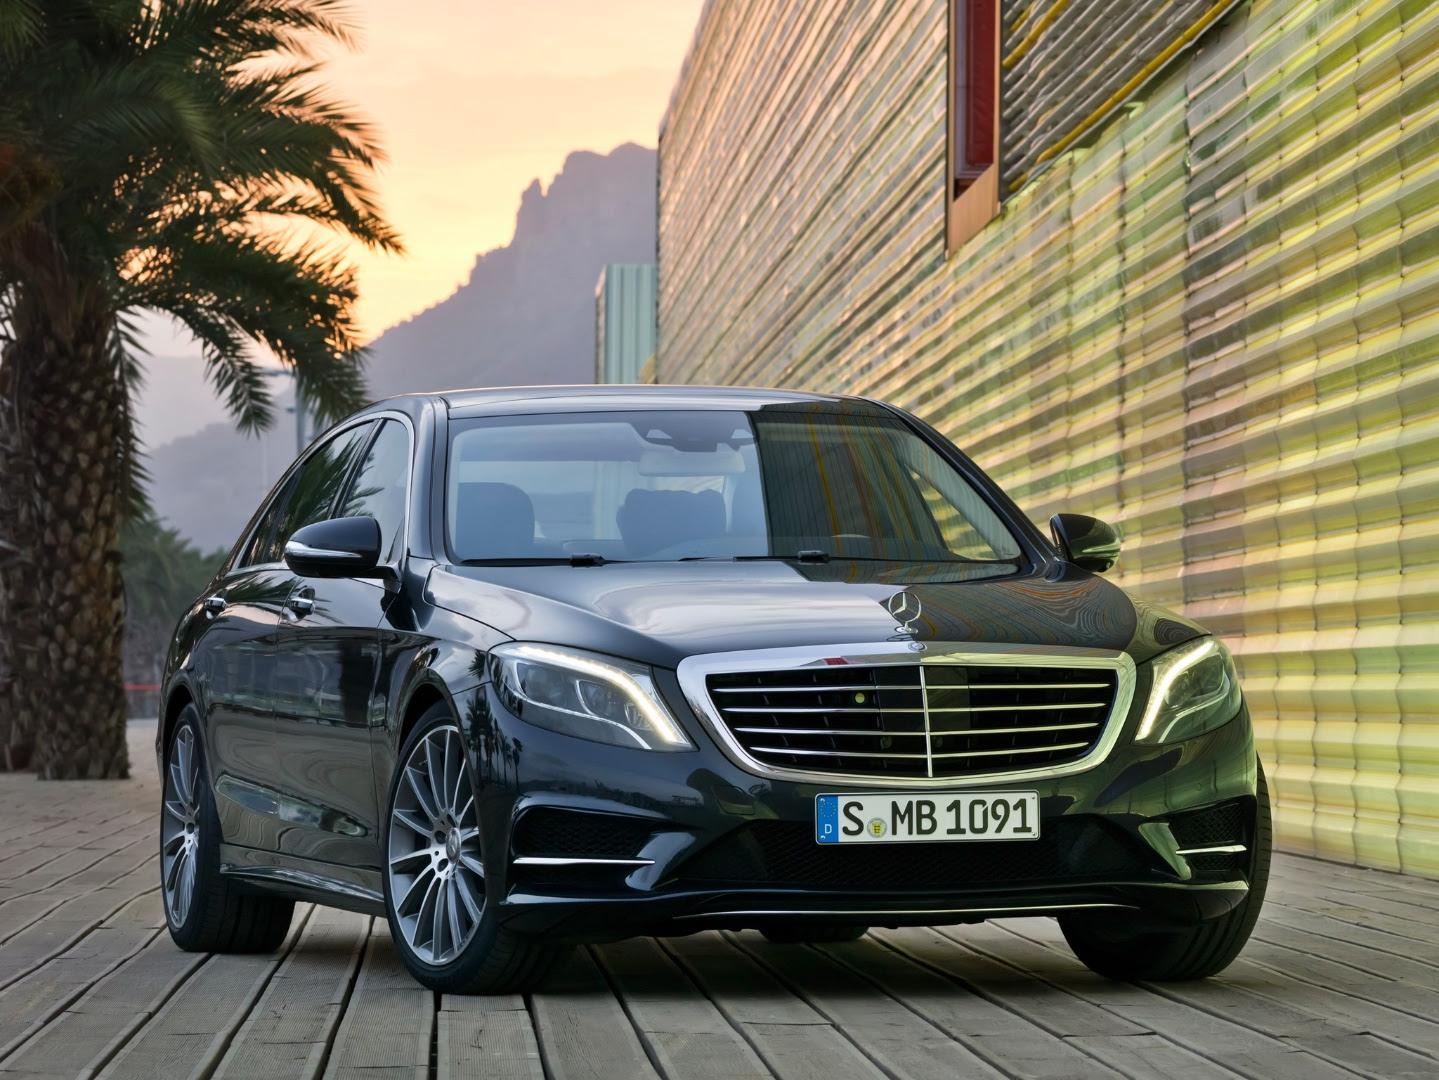 Mercedes-Benz S350 BlueTec Review by CAR - autoevolution